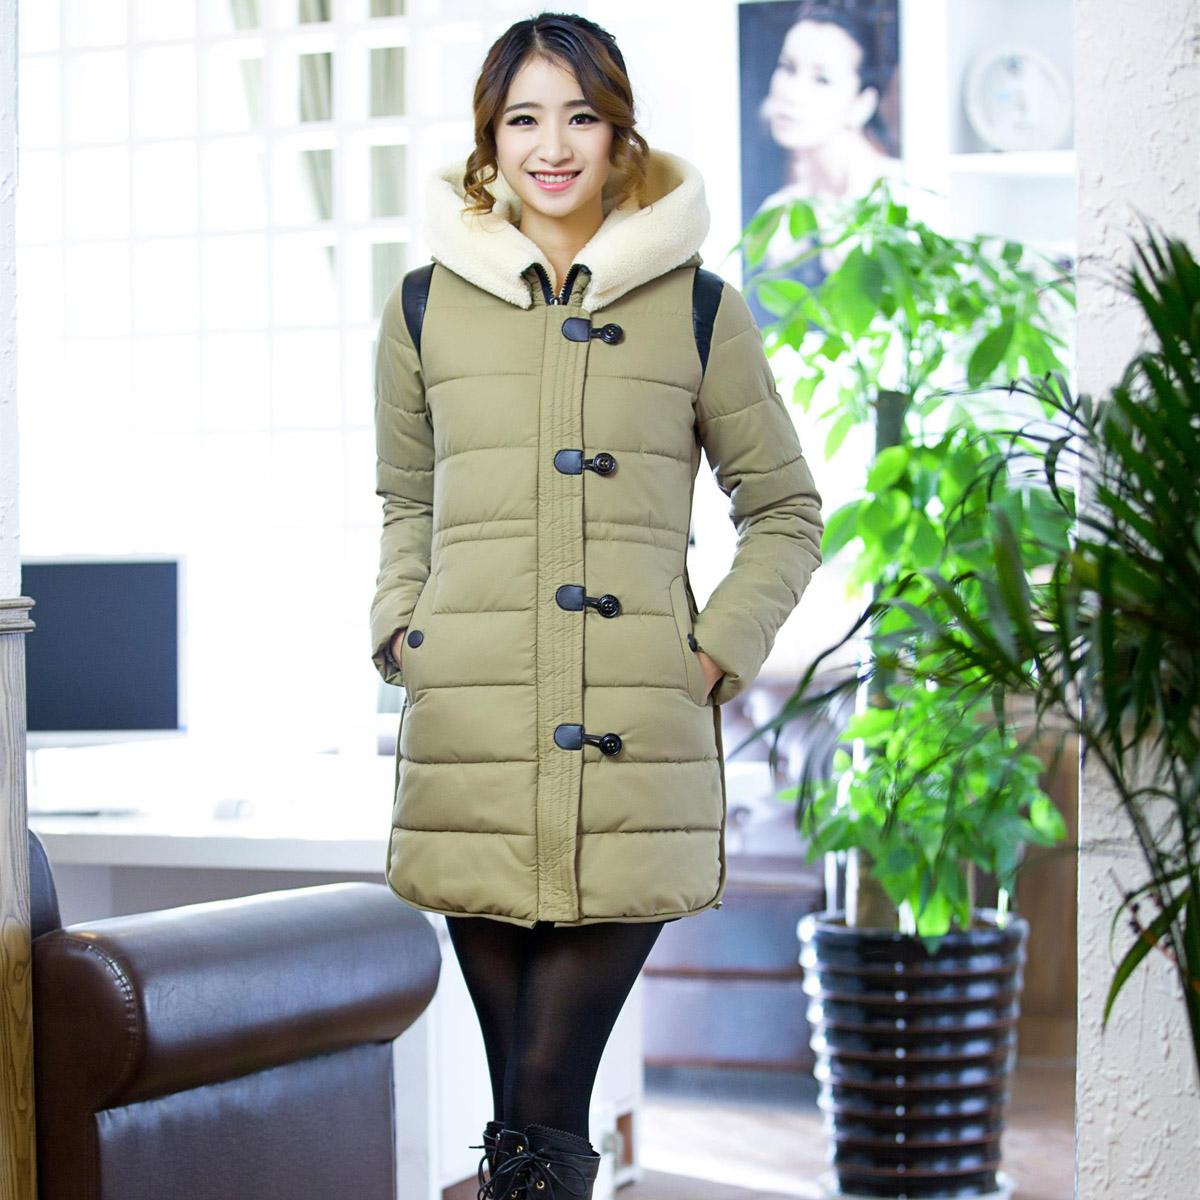 Женская утепленная куртка Корейский отдыха пальто женских 2013 новые зимние пальто мягкий длинные куртки пальто кореянка пальто